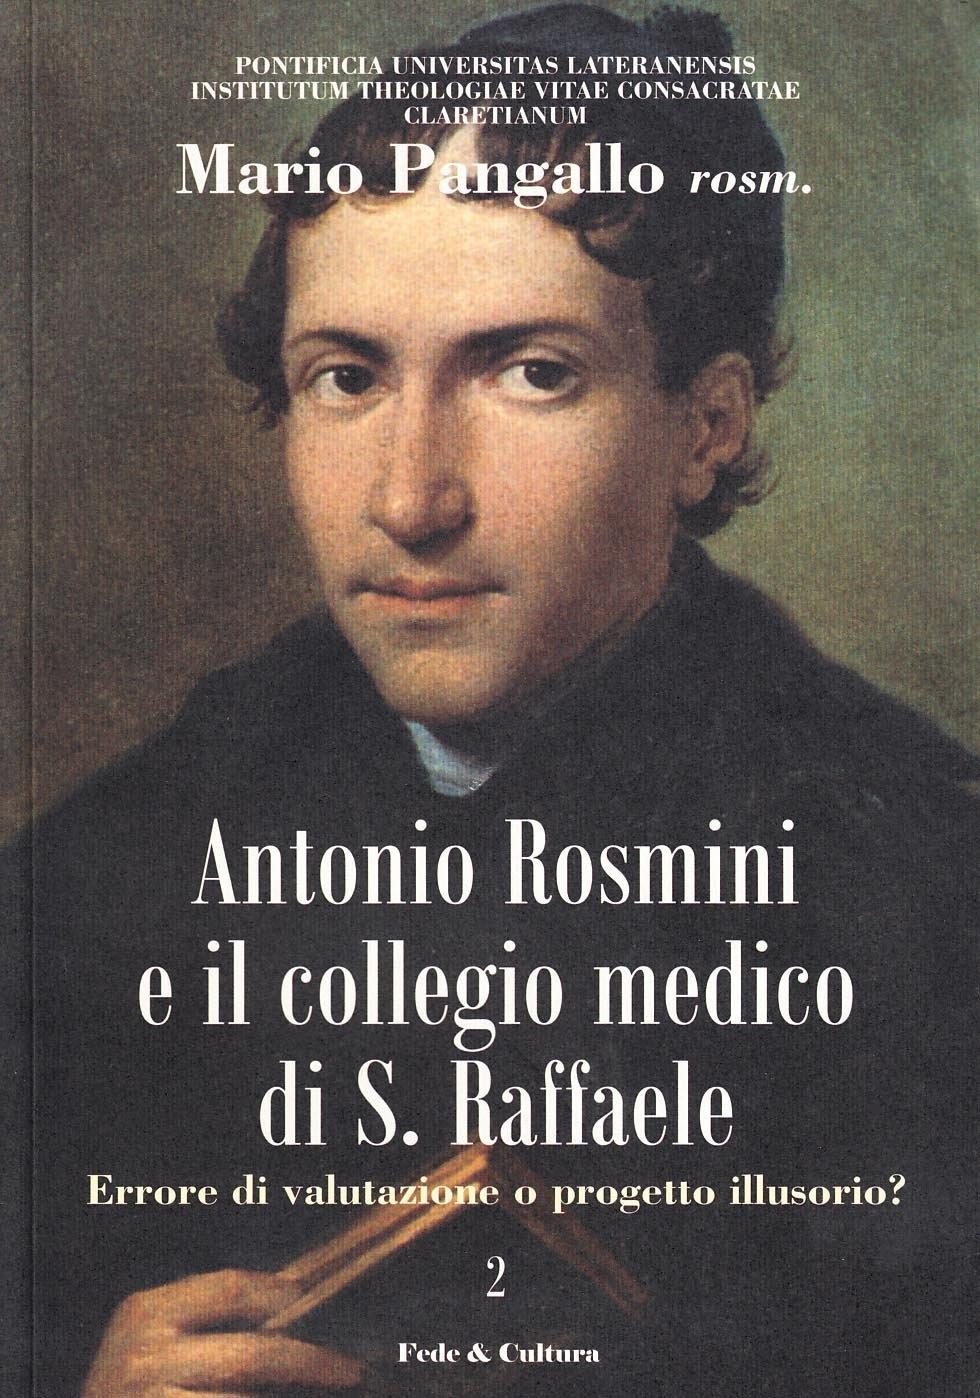 Antonio Rosmini e il collegio medico S. Raffaele. Errore di valutazione o progetto illusorio?